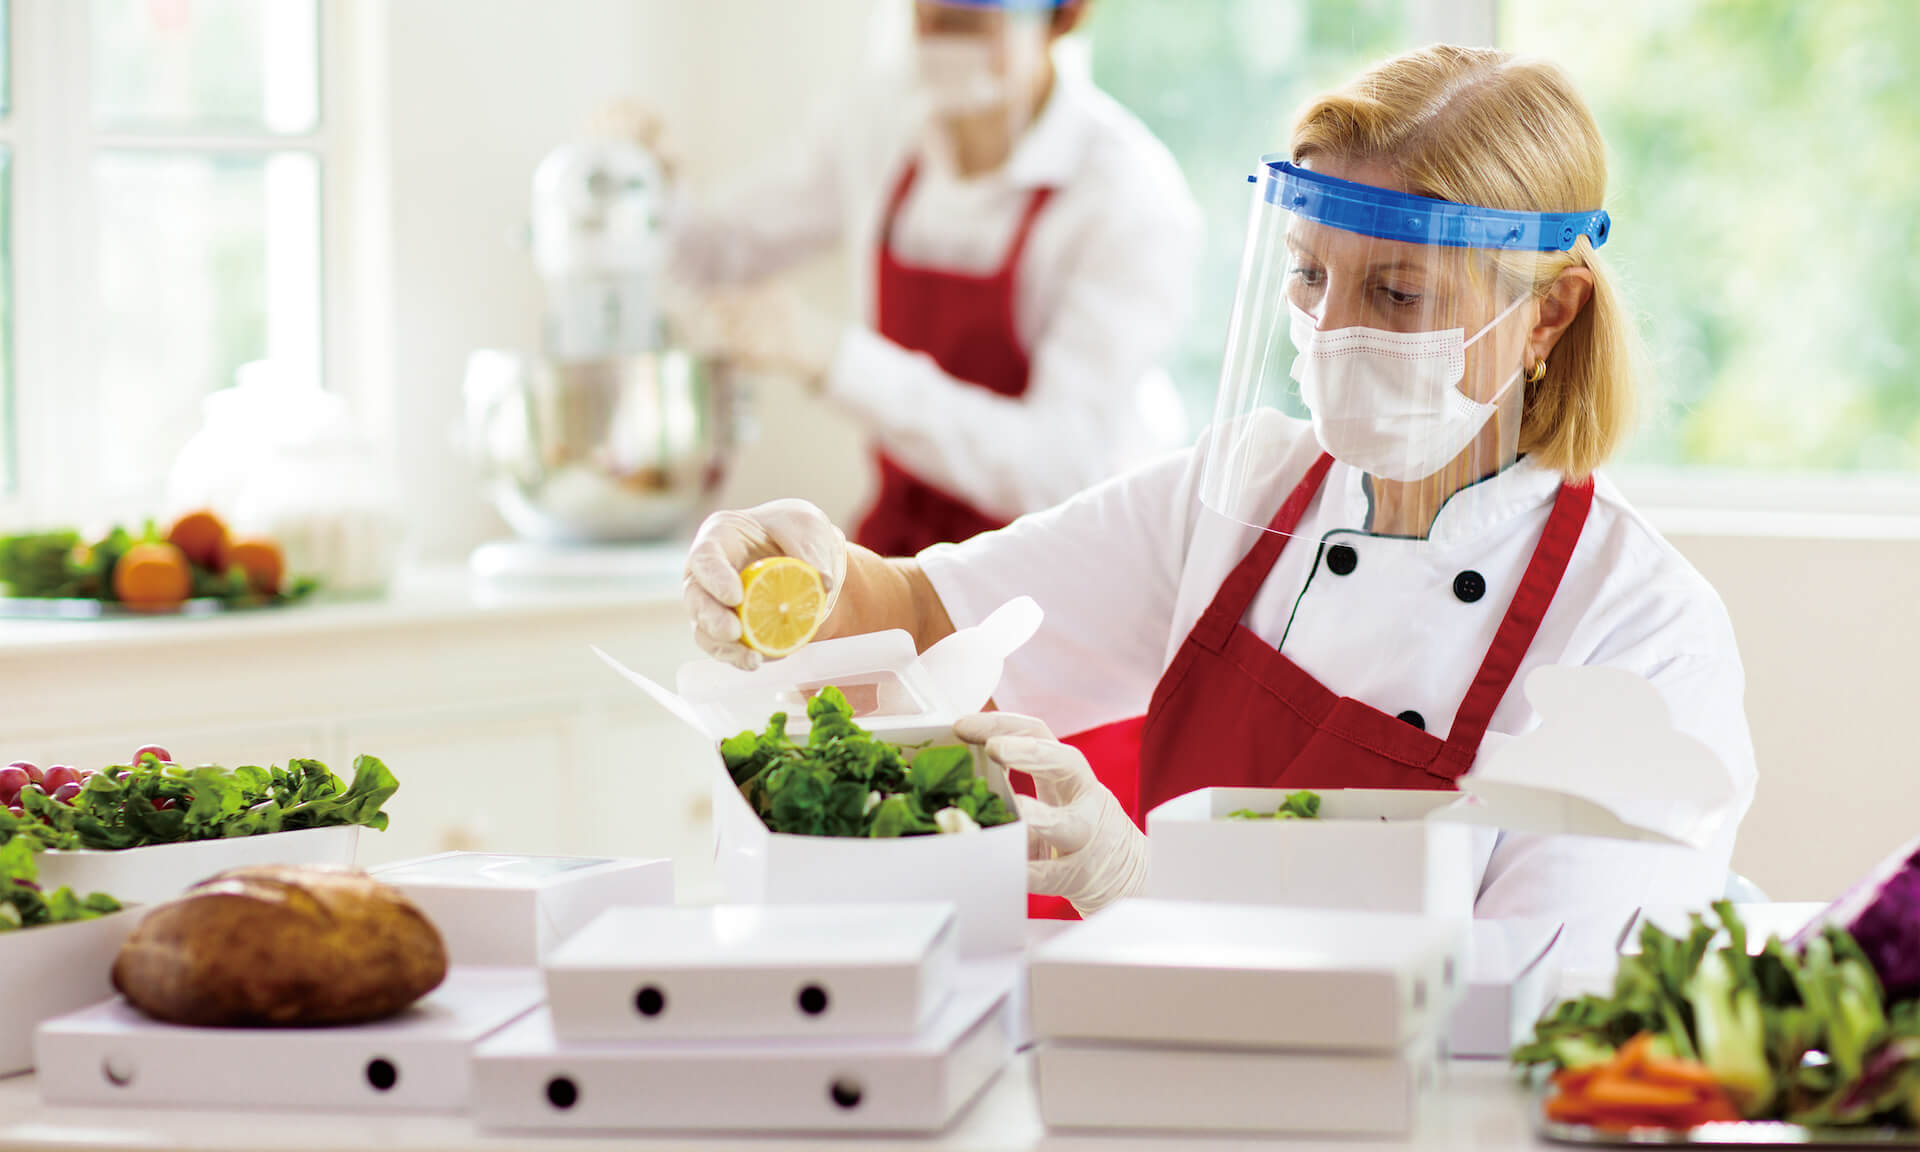 醫學新發現:蔬食飲食可降低COVID-19轉為重症風險